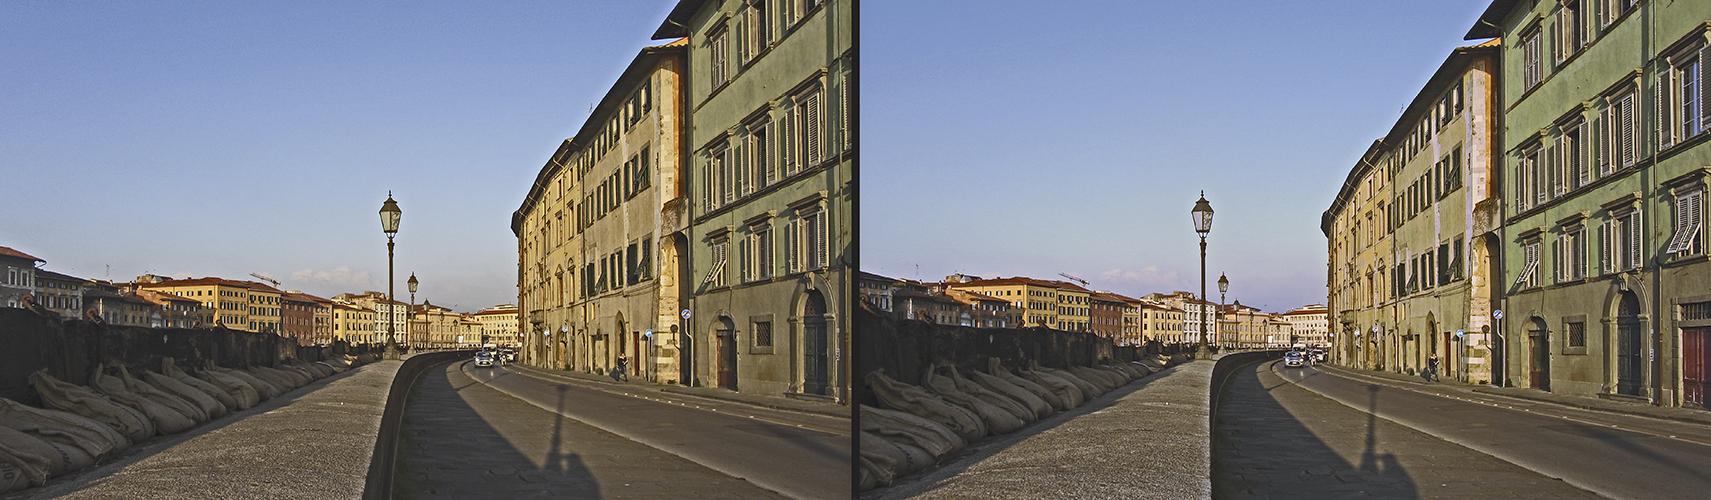 Sandsäcke in Pisa (3D)